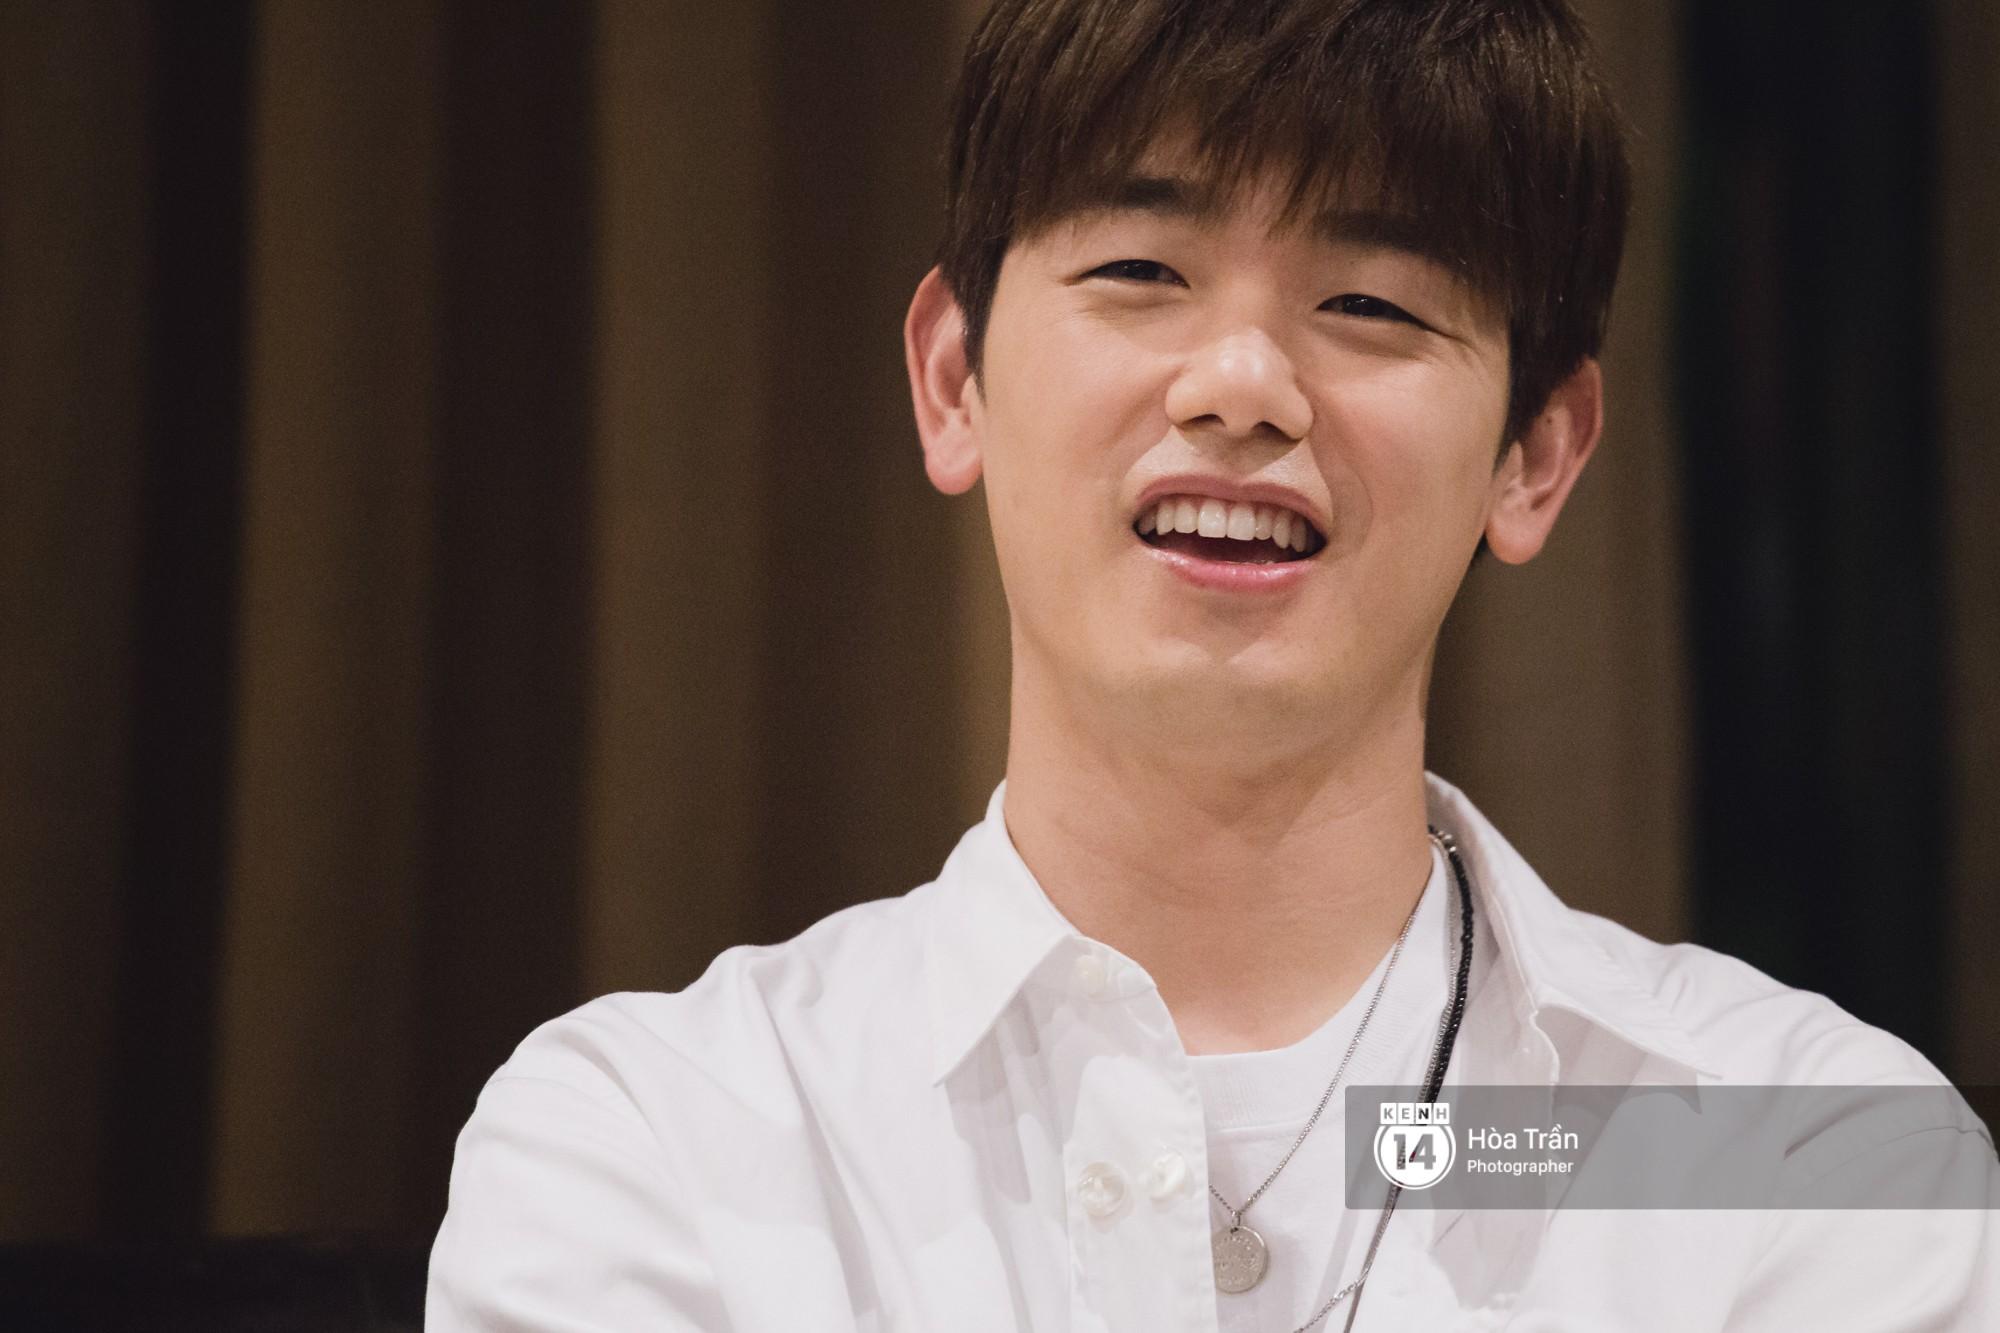 Phỏng vấn độc quyền ca sĩ Hàn - Eric Nam: Chia sẻ về thành công toàn cầu của BTS và ấn tượng với âm nhạc của một ca sĩ Việt Nam là... - Ảnh 4.